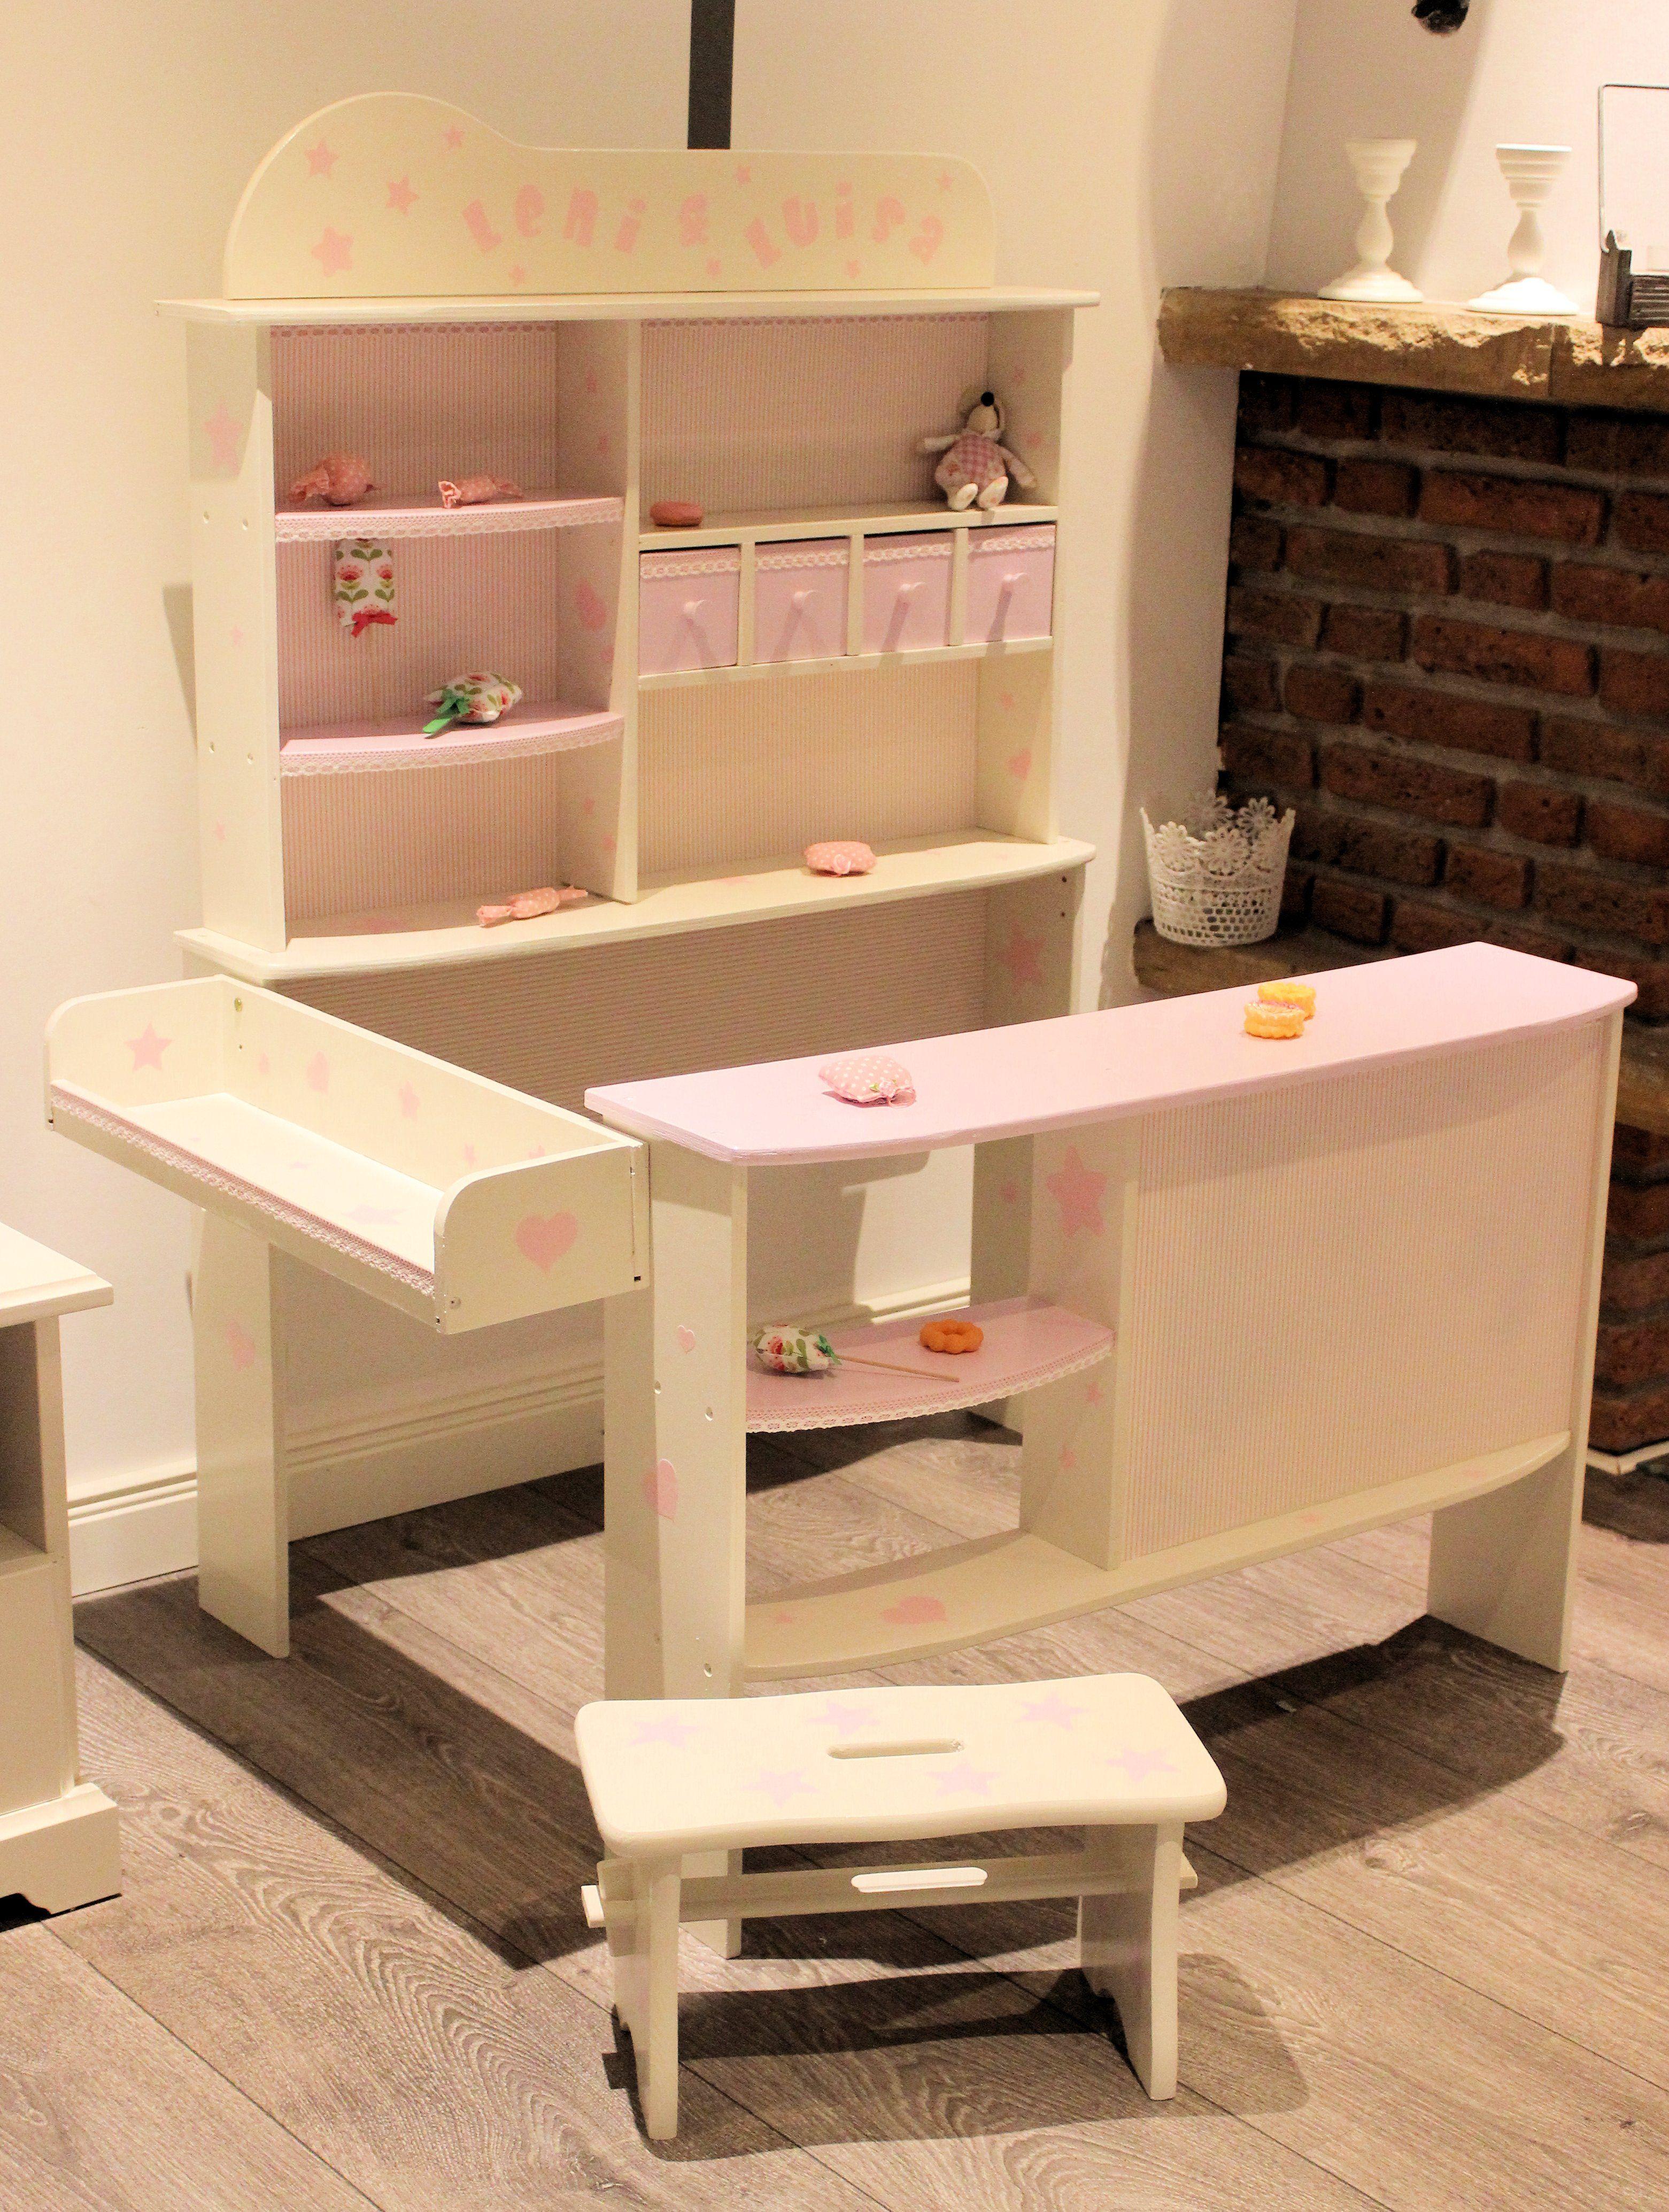 kaufladen weiß rosa | domis pusteblume | pinterest | wolle kaufen